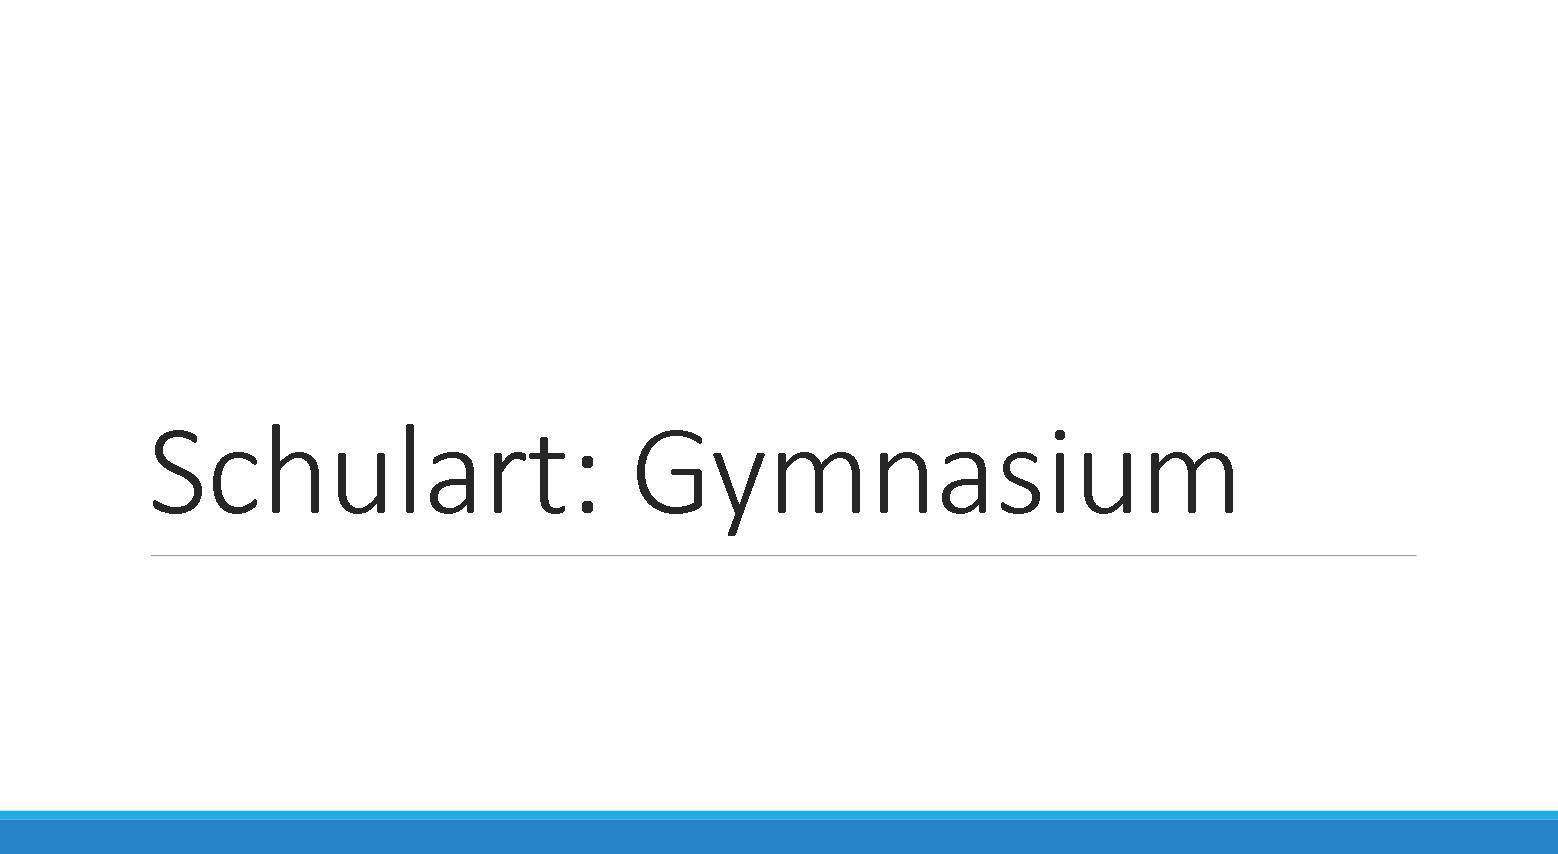 Schulart Gymnasium